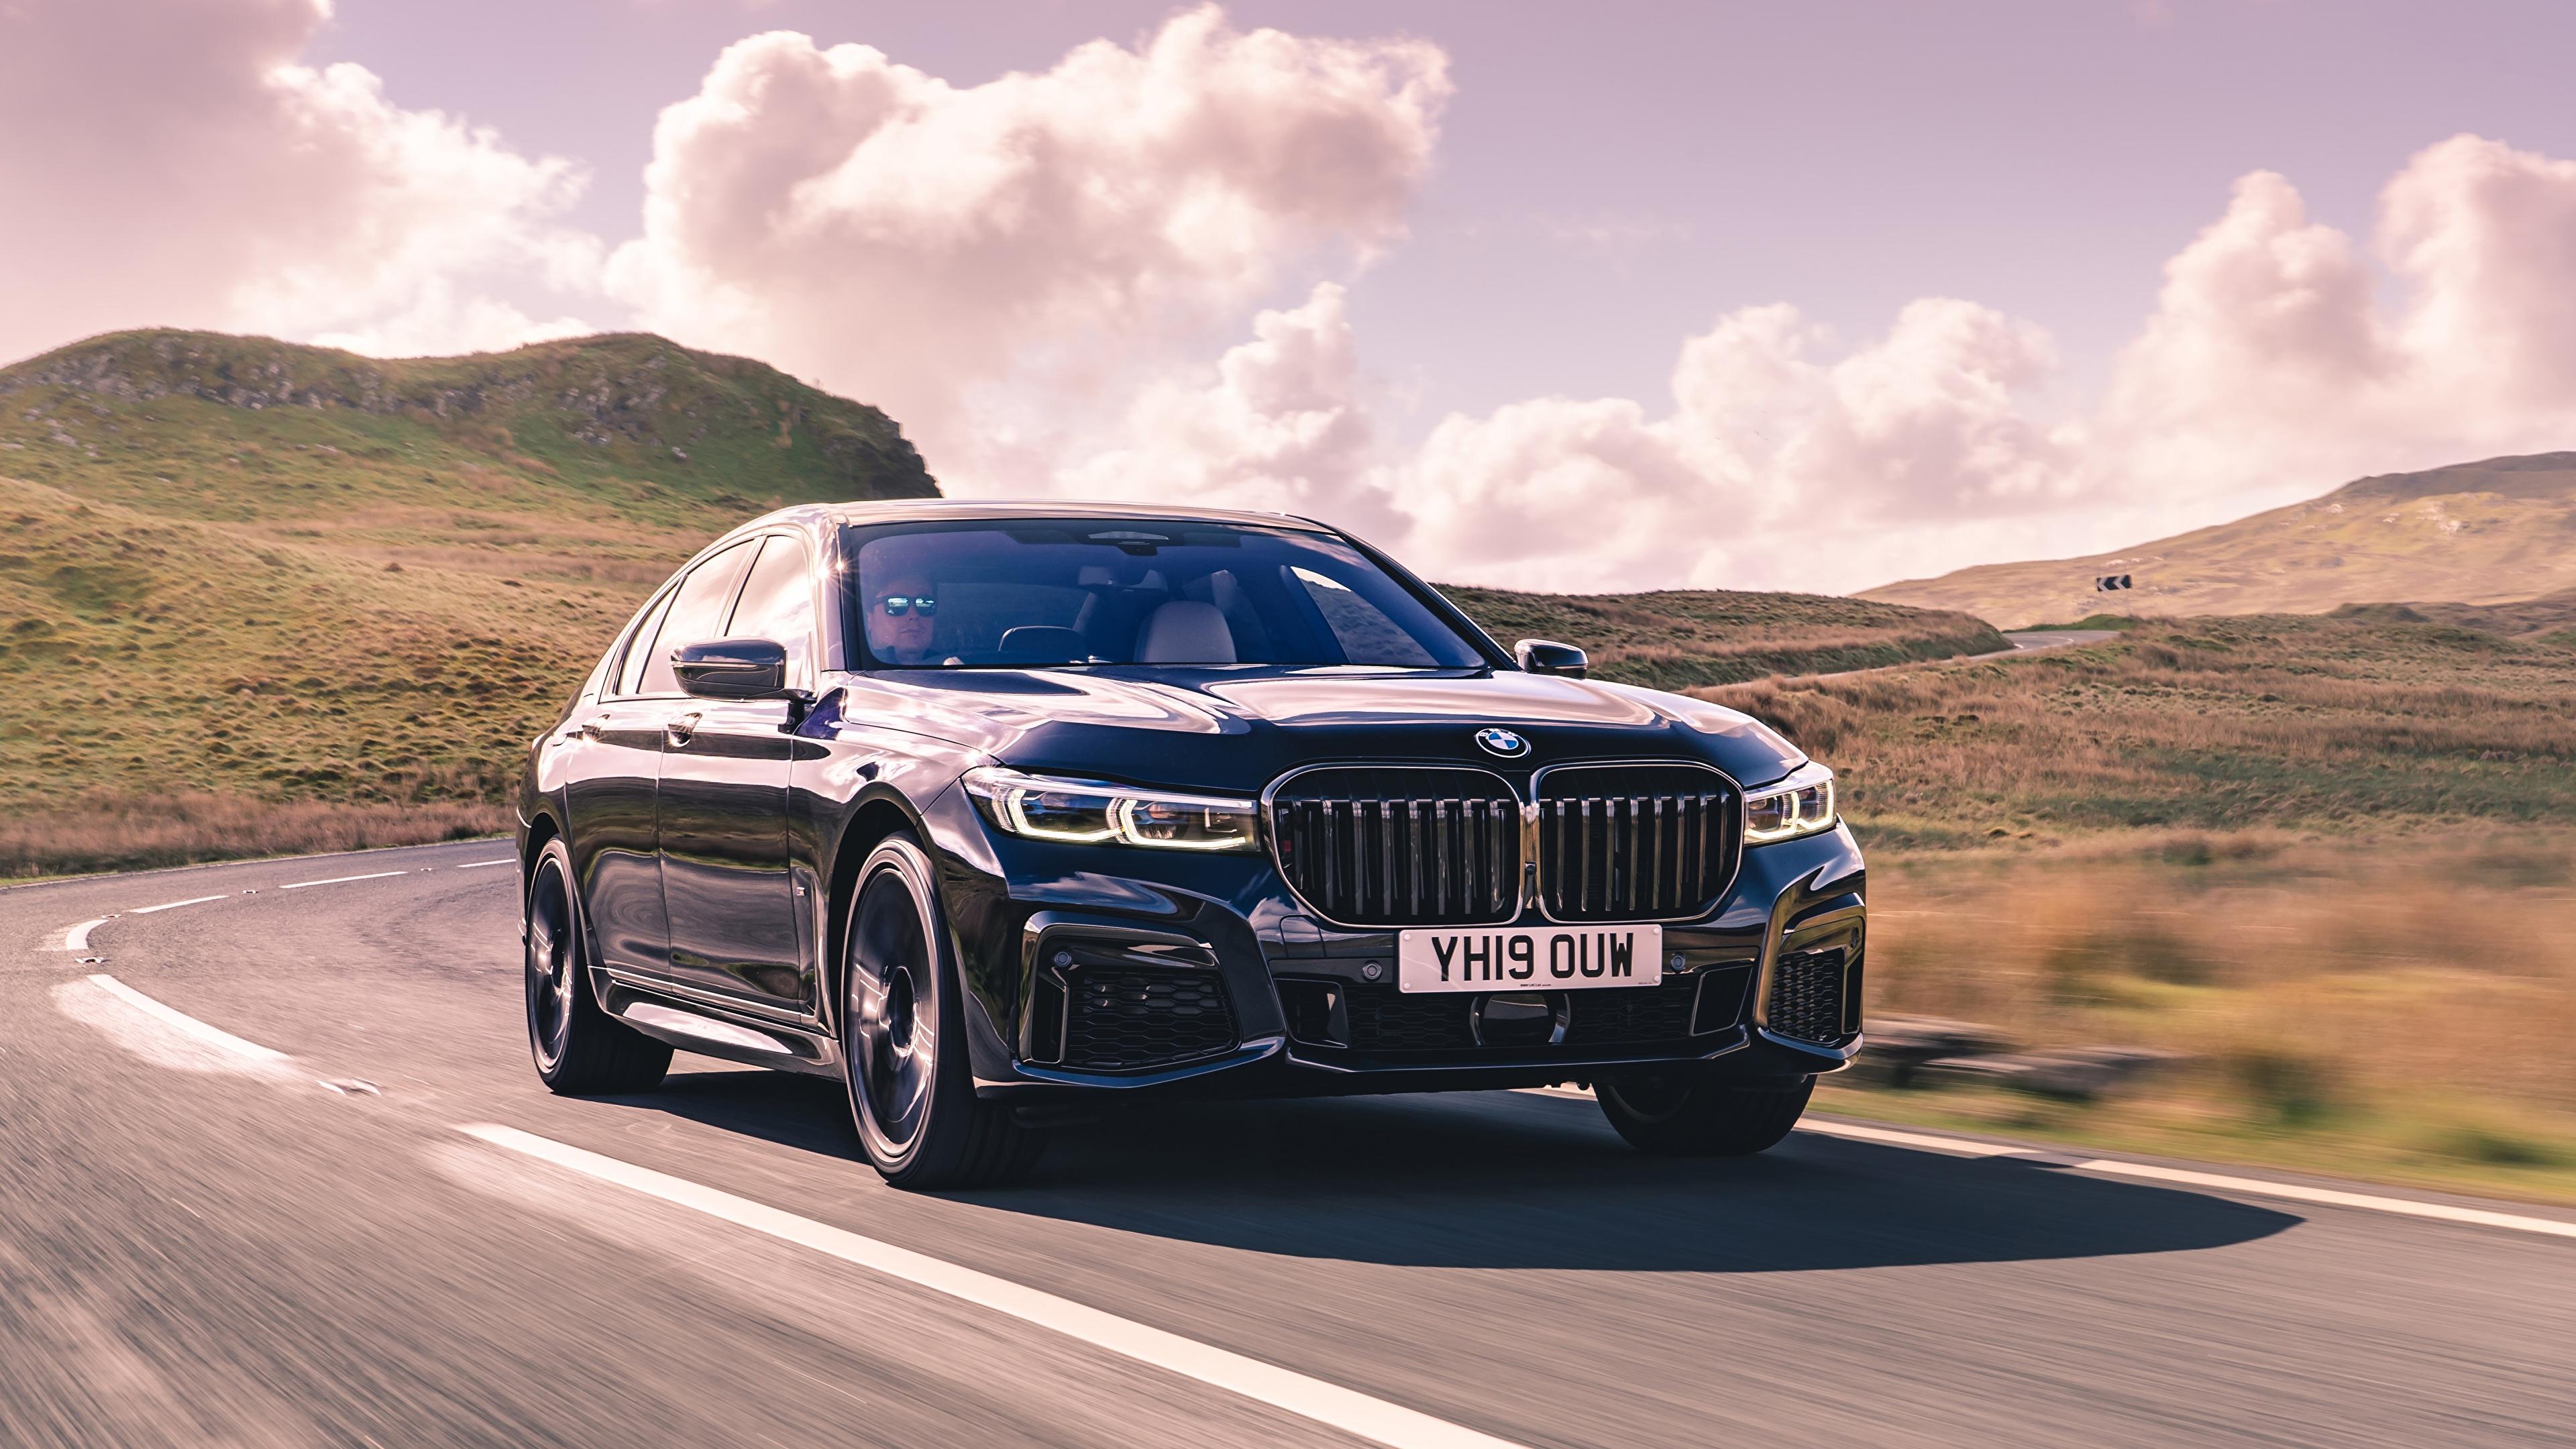 Картинки БМВ боке Седан Дороги едущая автомобиль 3840x2160 BMW Размытый фон едет едущий скорость Движение авто машины машина Автомобили